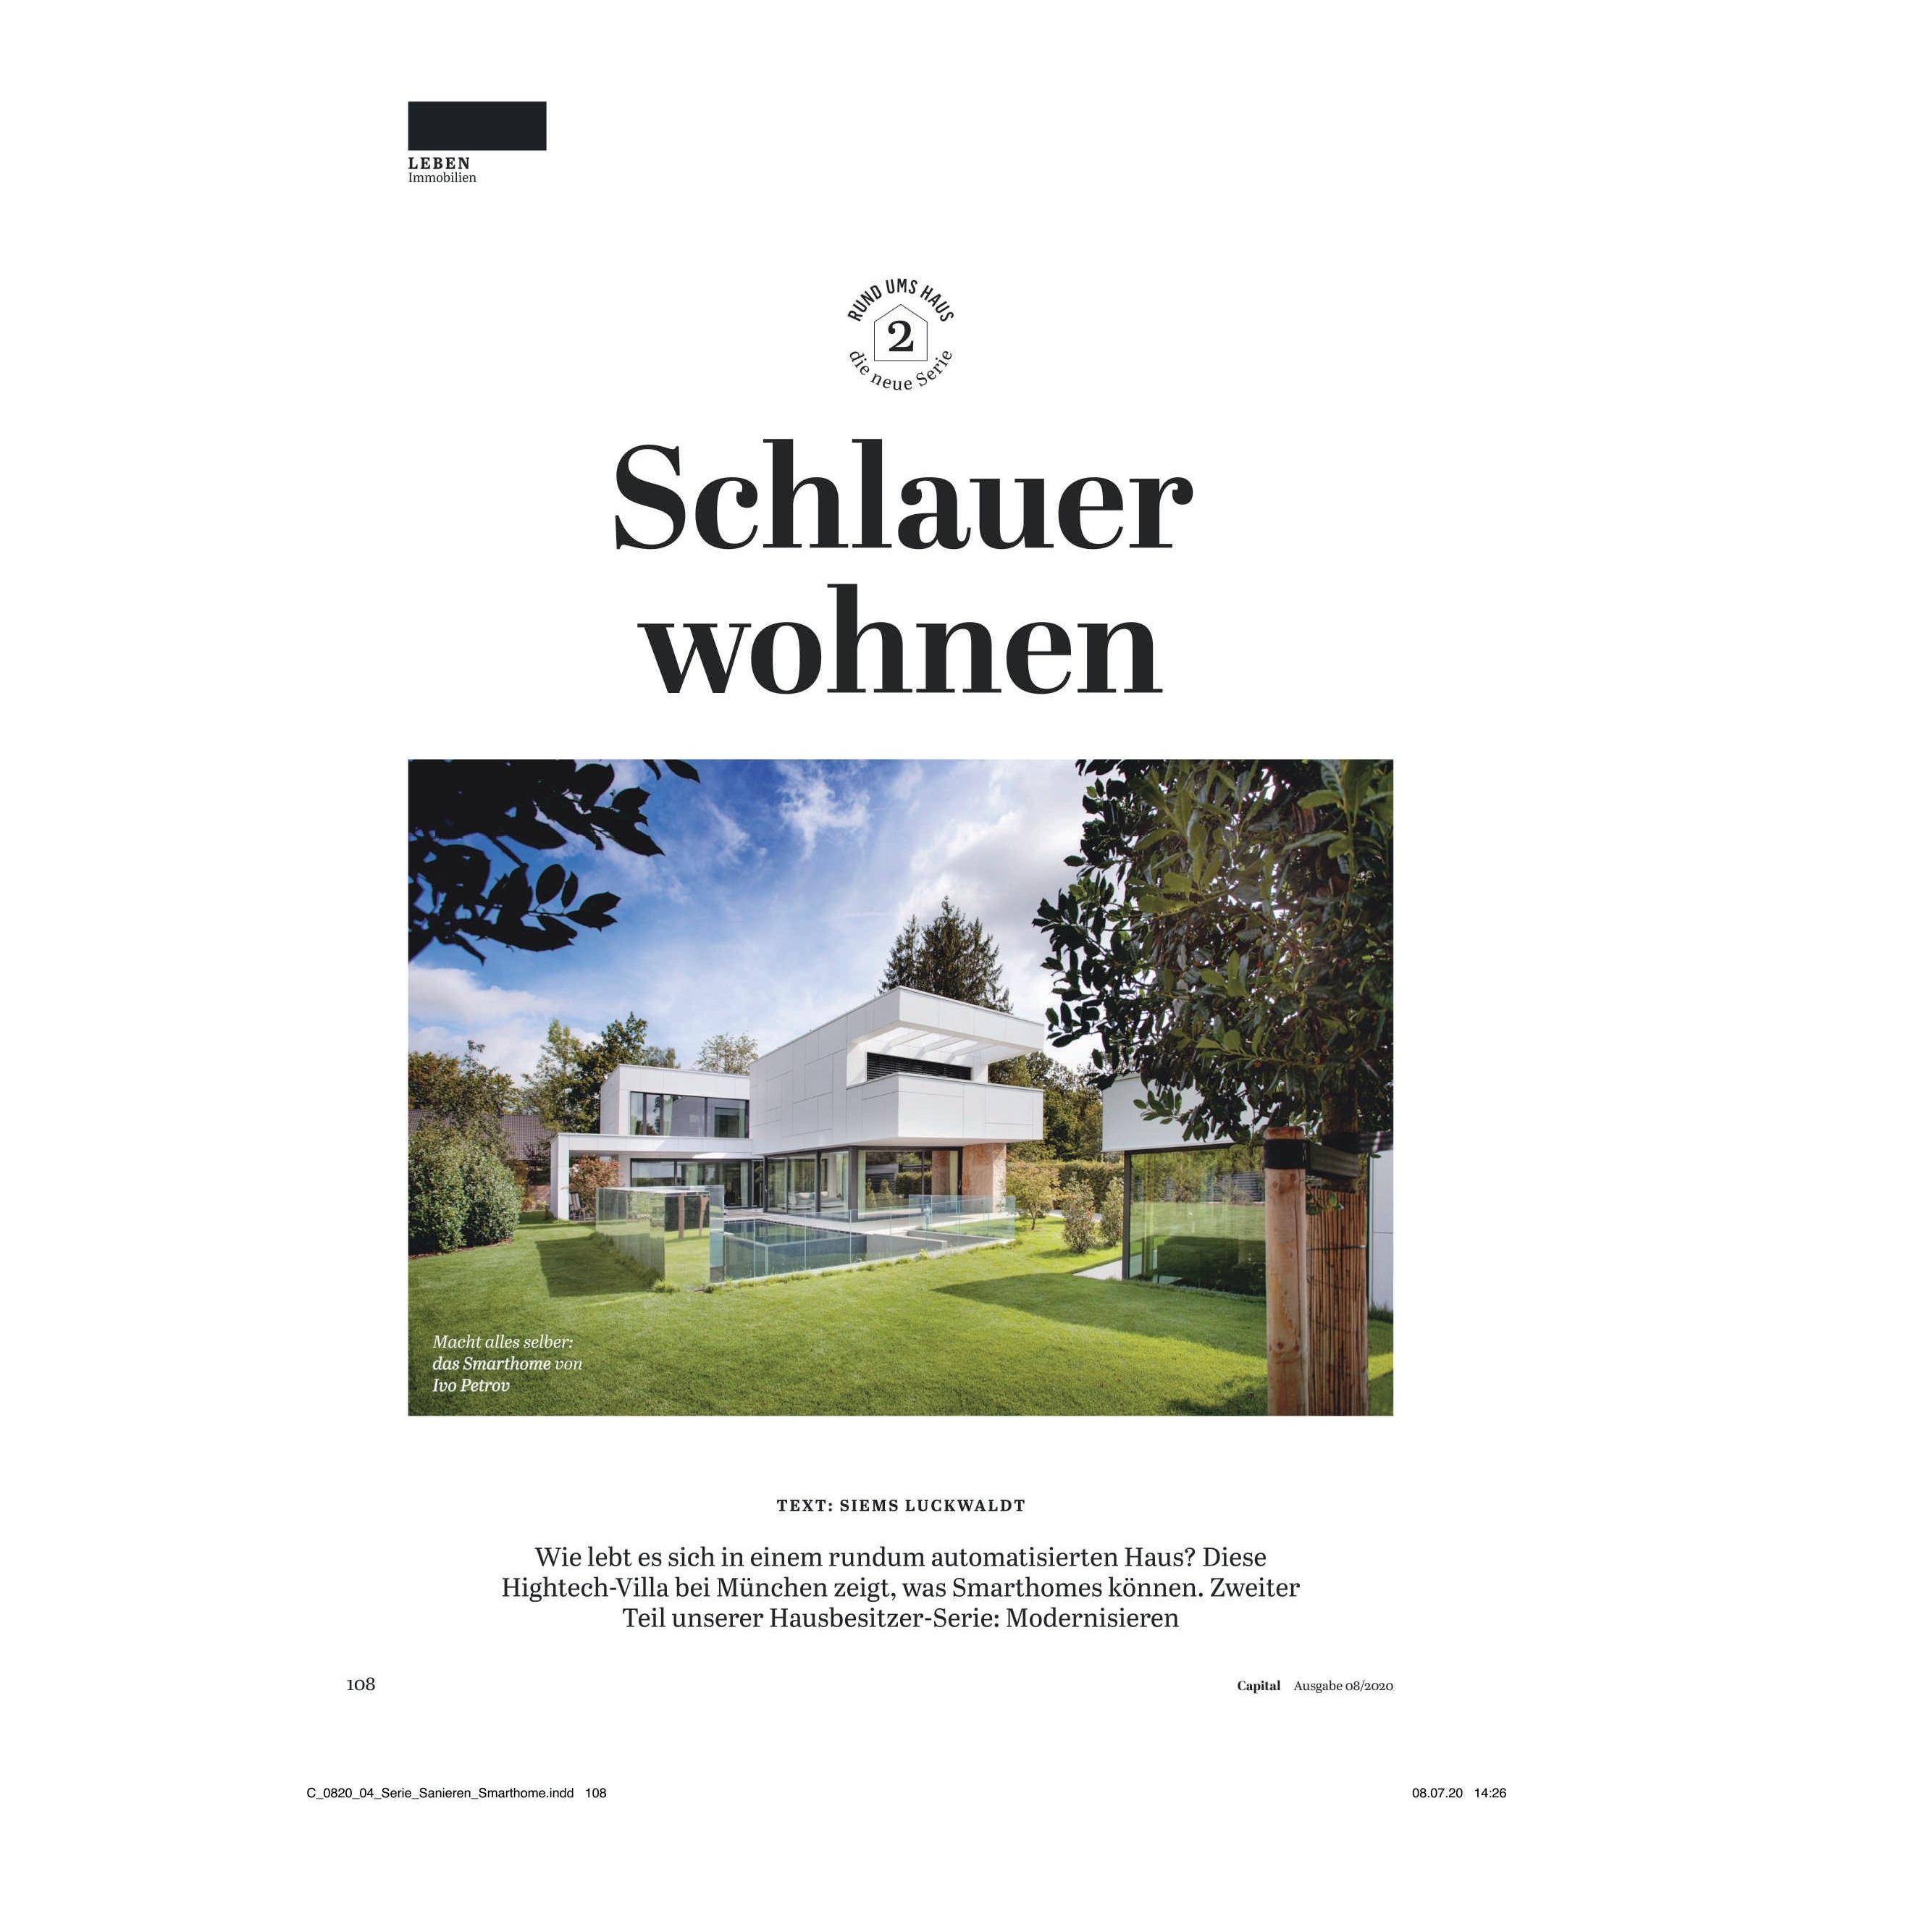 Presse Faszinerendes Smart Home bei München   Elektro Hieber